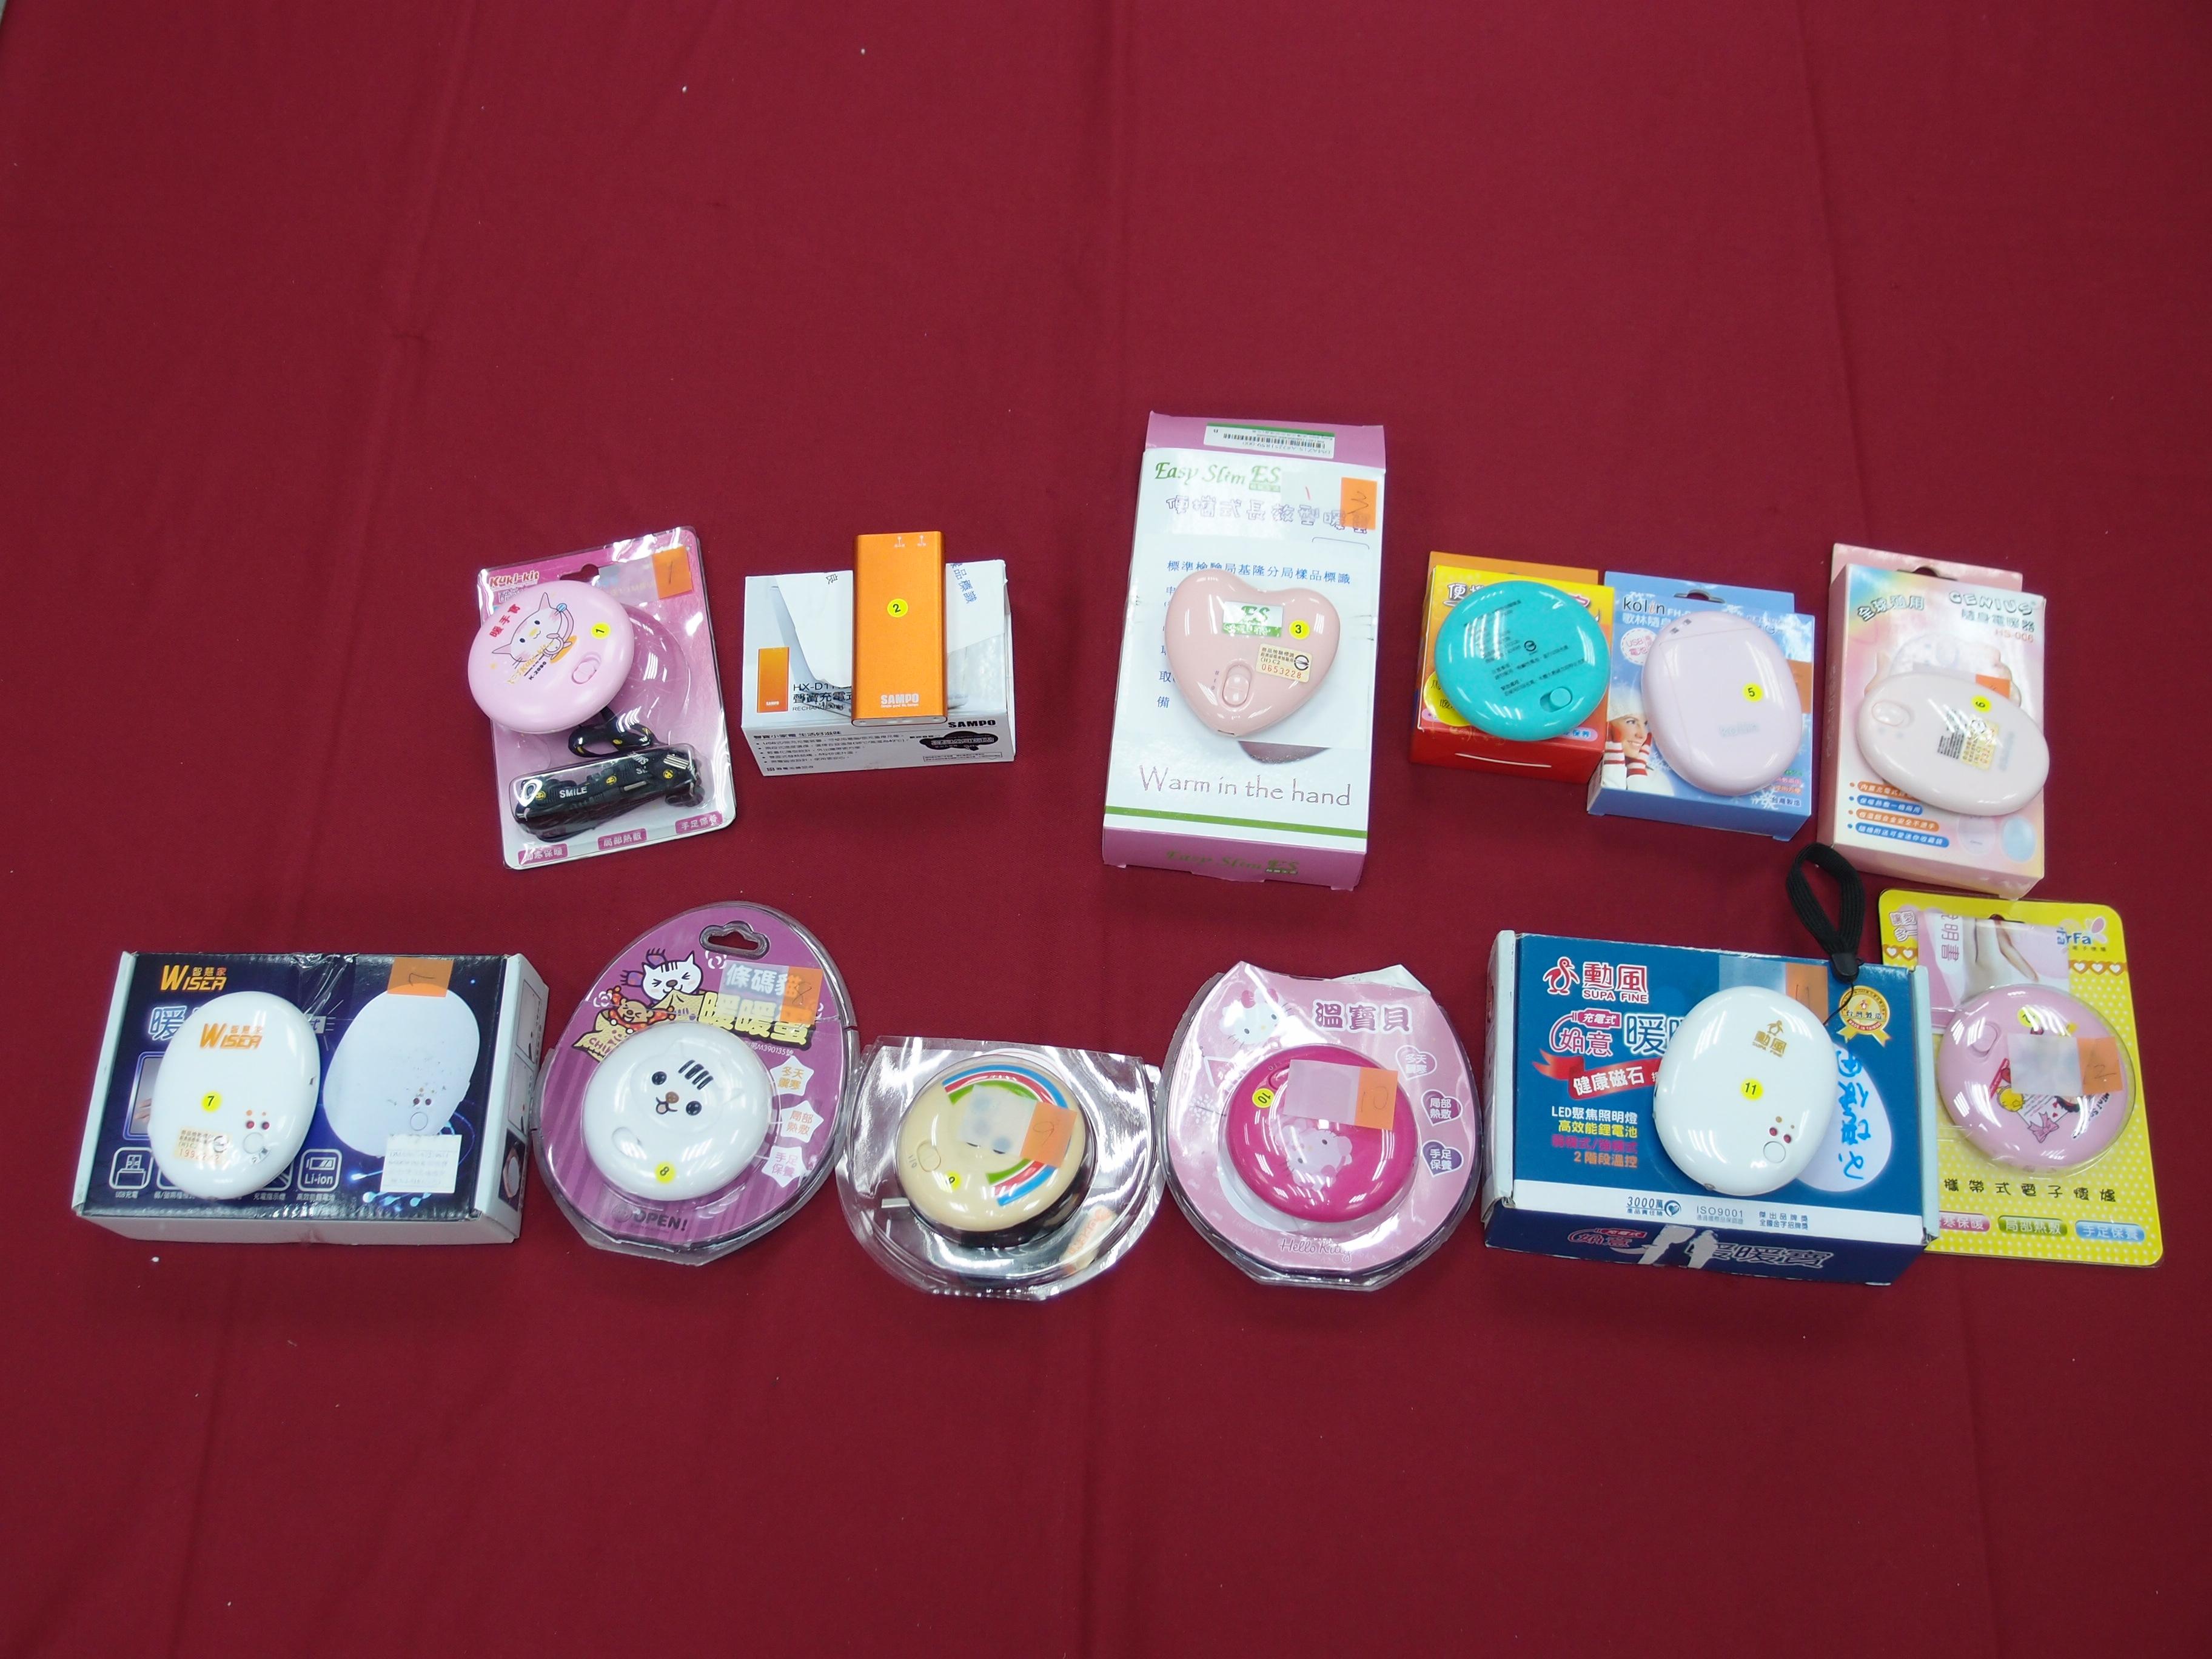 經濟部標準檢驗局與財團法人中華民國消費者文教基金會共同公布市售「暖暖蛋」商品檢測結果